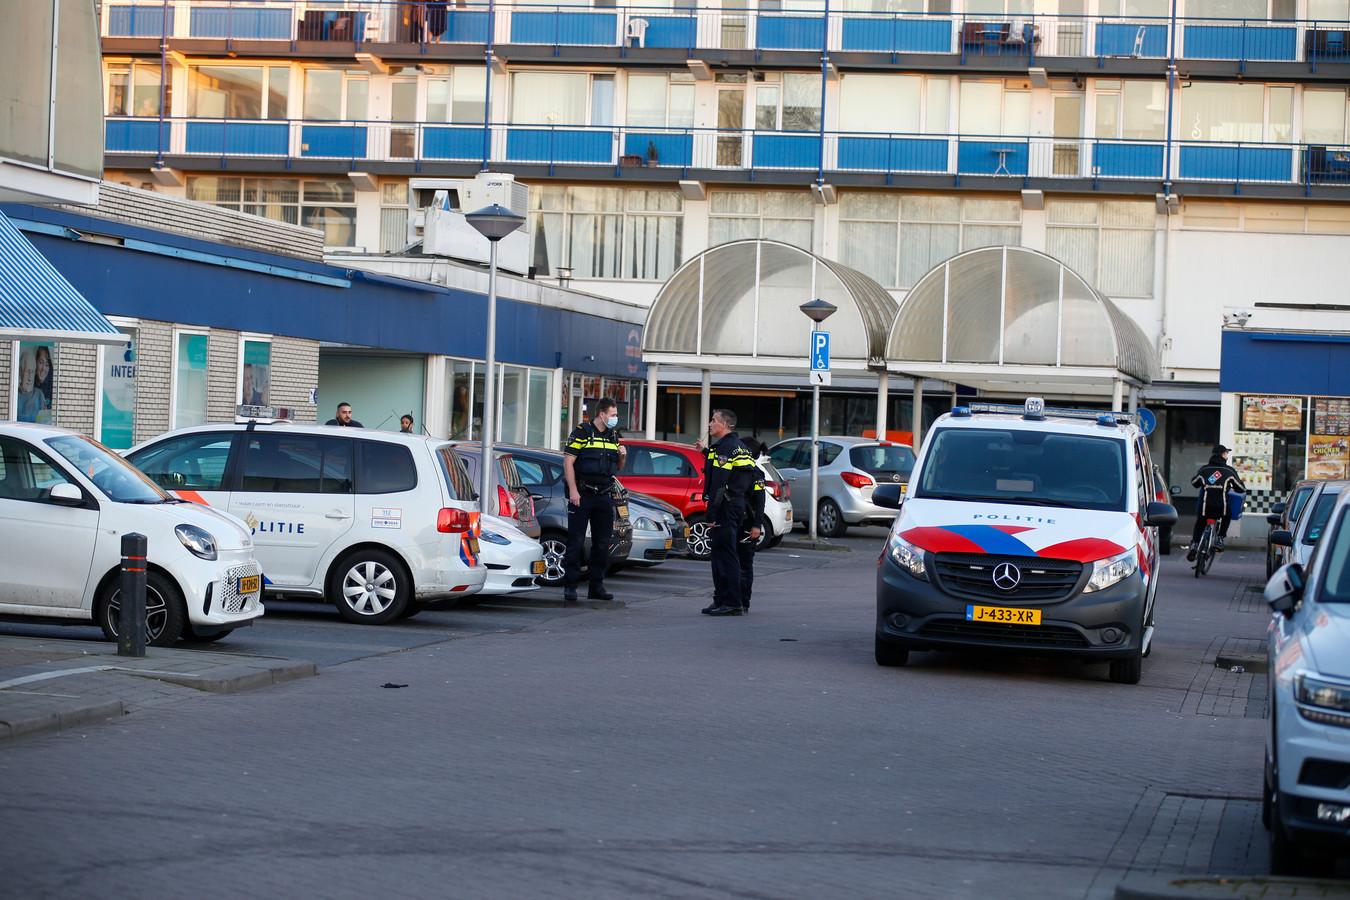 De politie doet onderzoek naar de melding over een schietpartij in Zwijndrecht, zondag rond 18.00 uur aan de Burgemeester Jansenlaan.